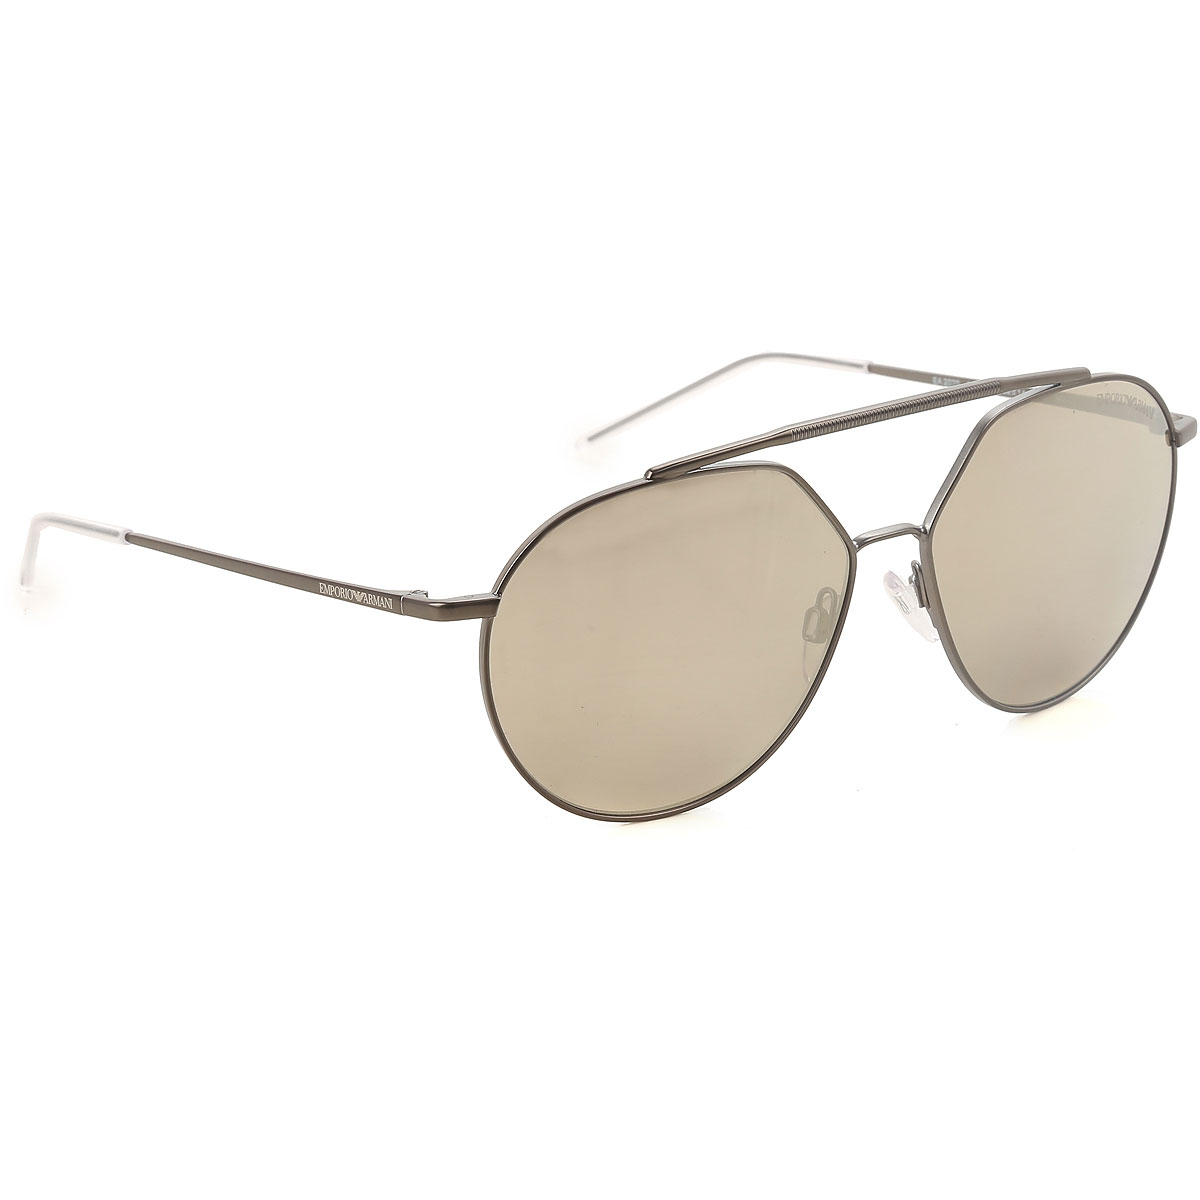 Image of Emporio Armani Sunglasses On Sale, Matte Silver, 2017